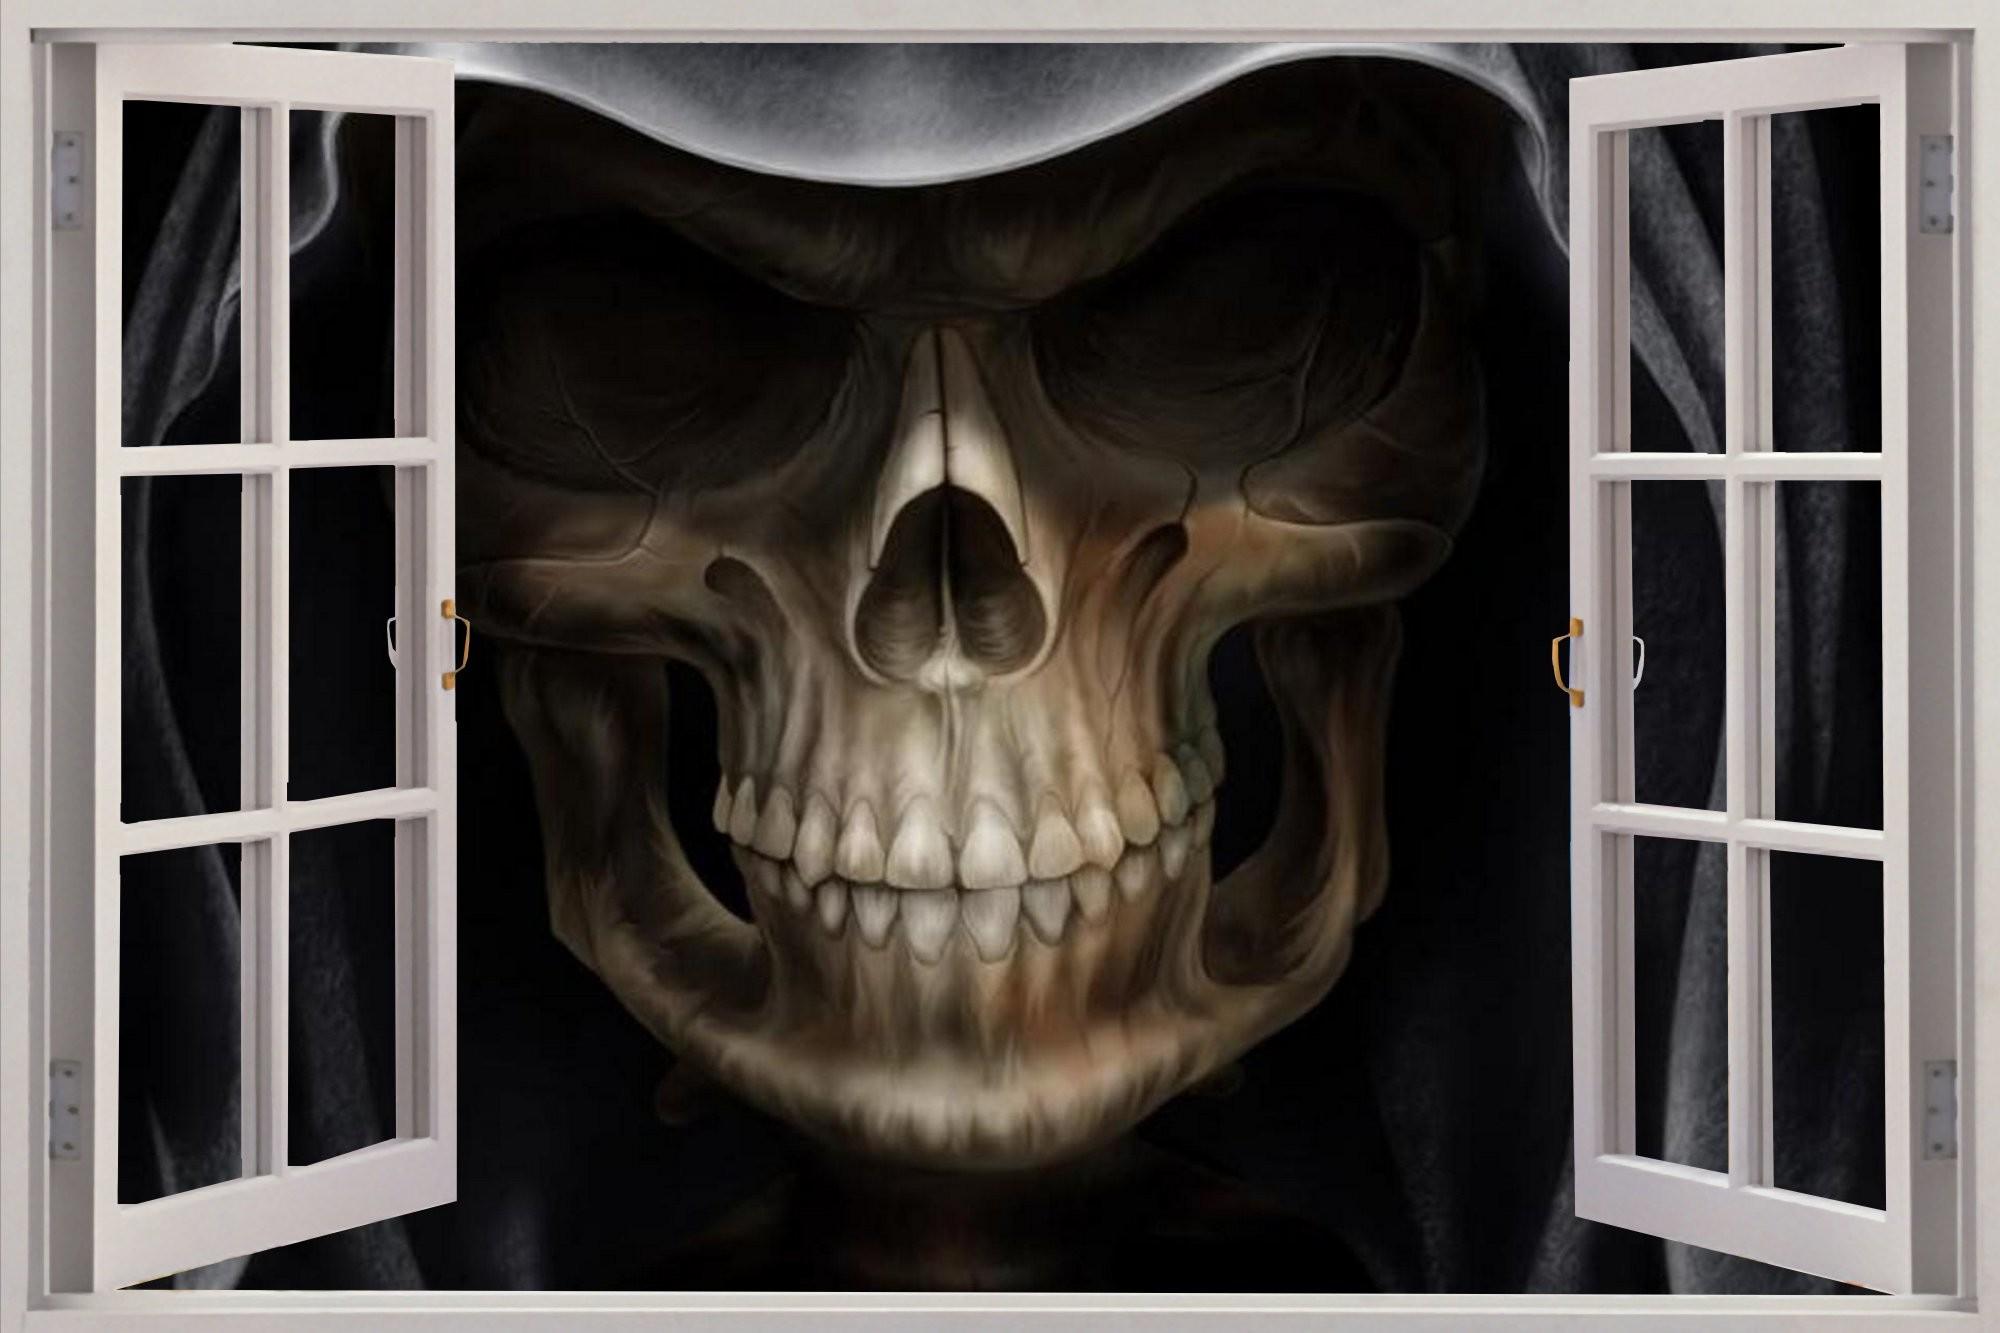 Skull 3d Wallpaper: 3D Skull Wallpaper ·① WallpaperTag